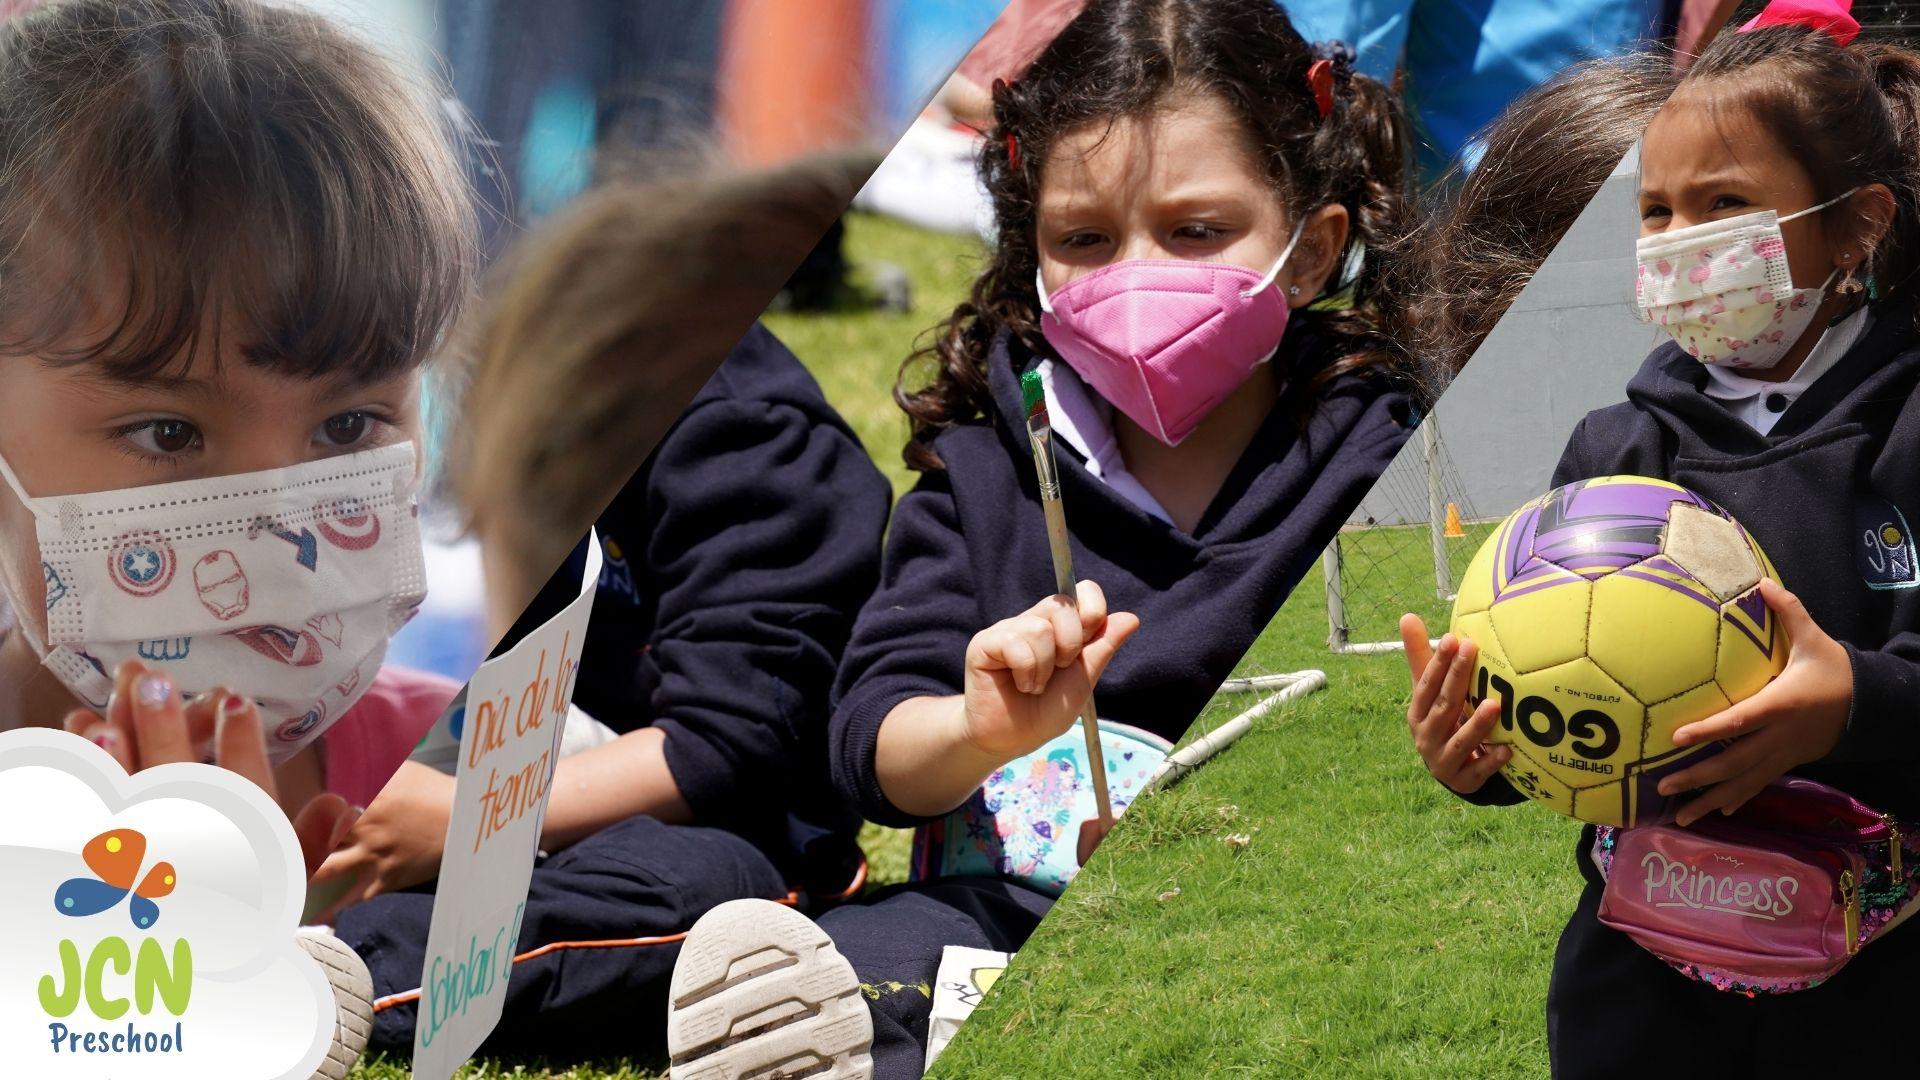 Cuerpo en Movimiento en los niños del jardín